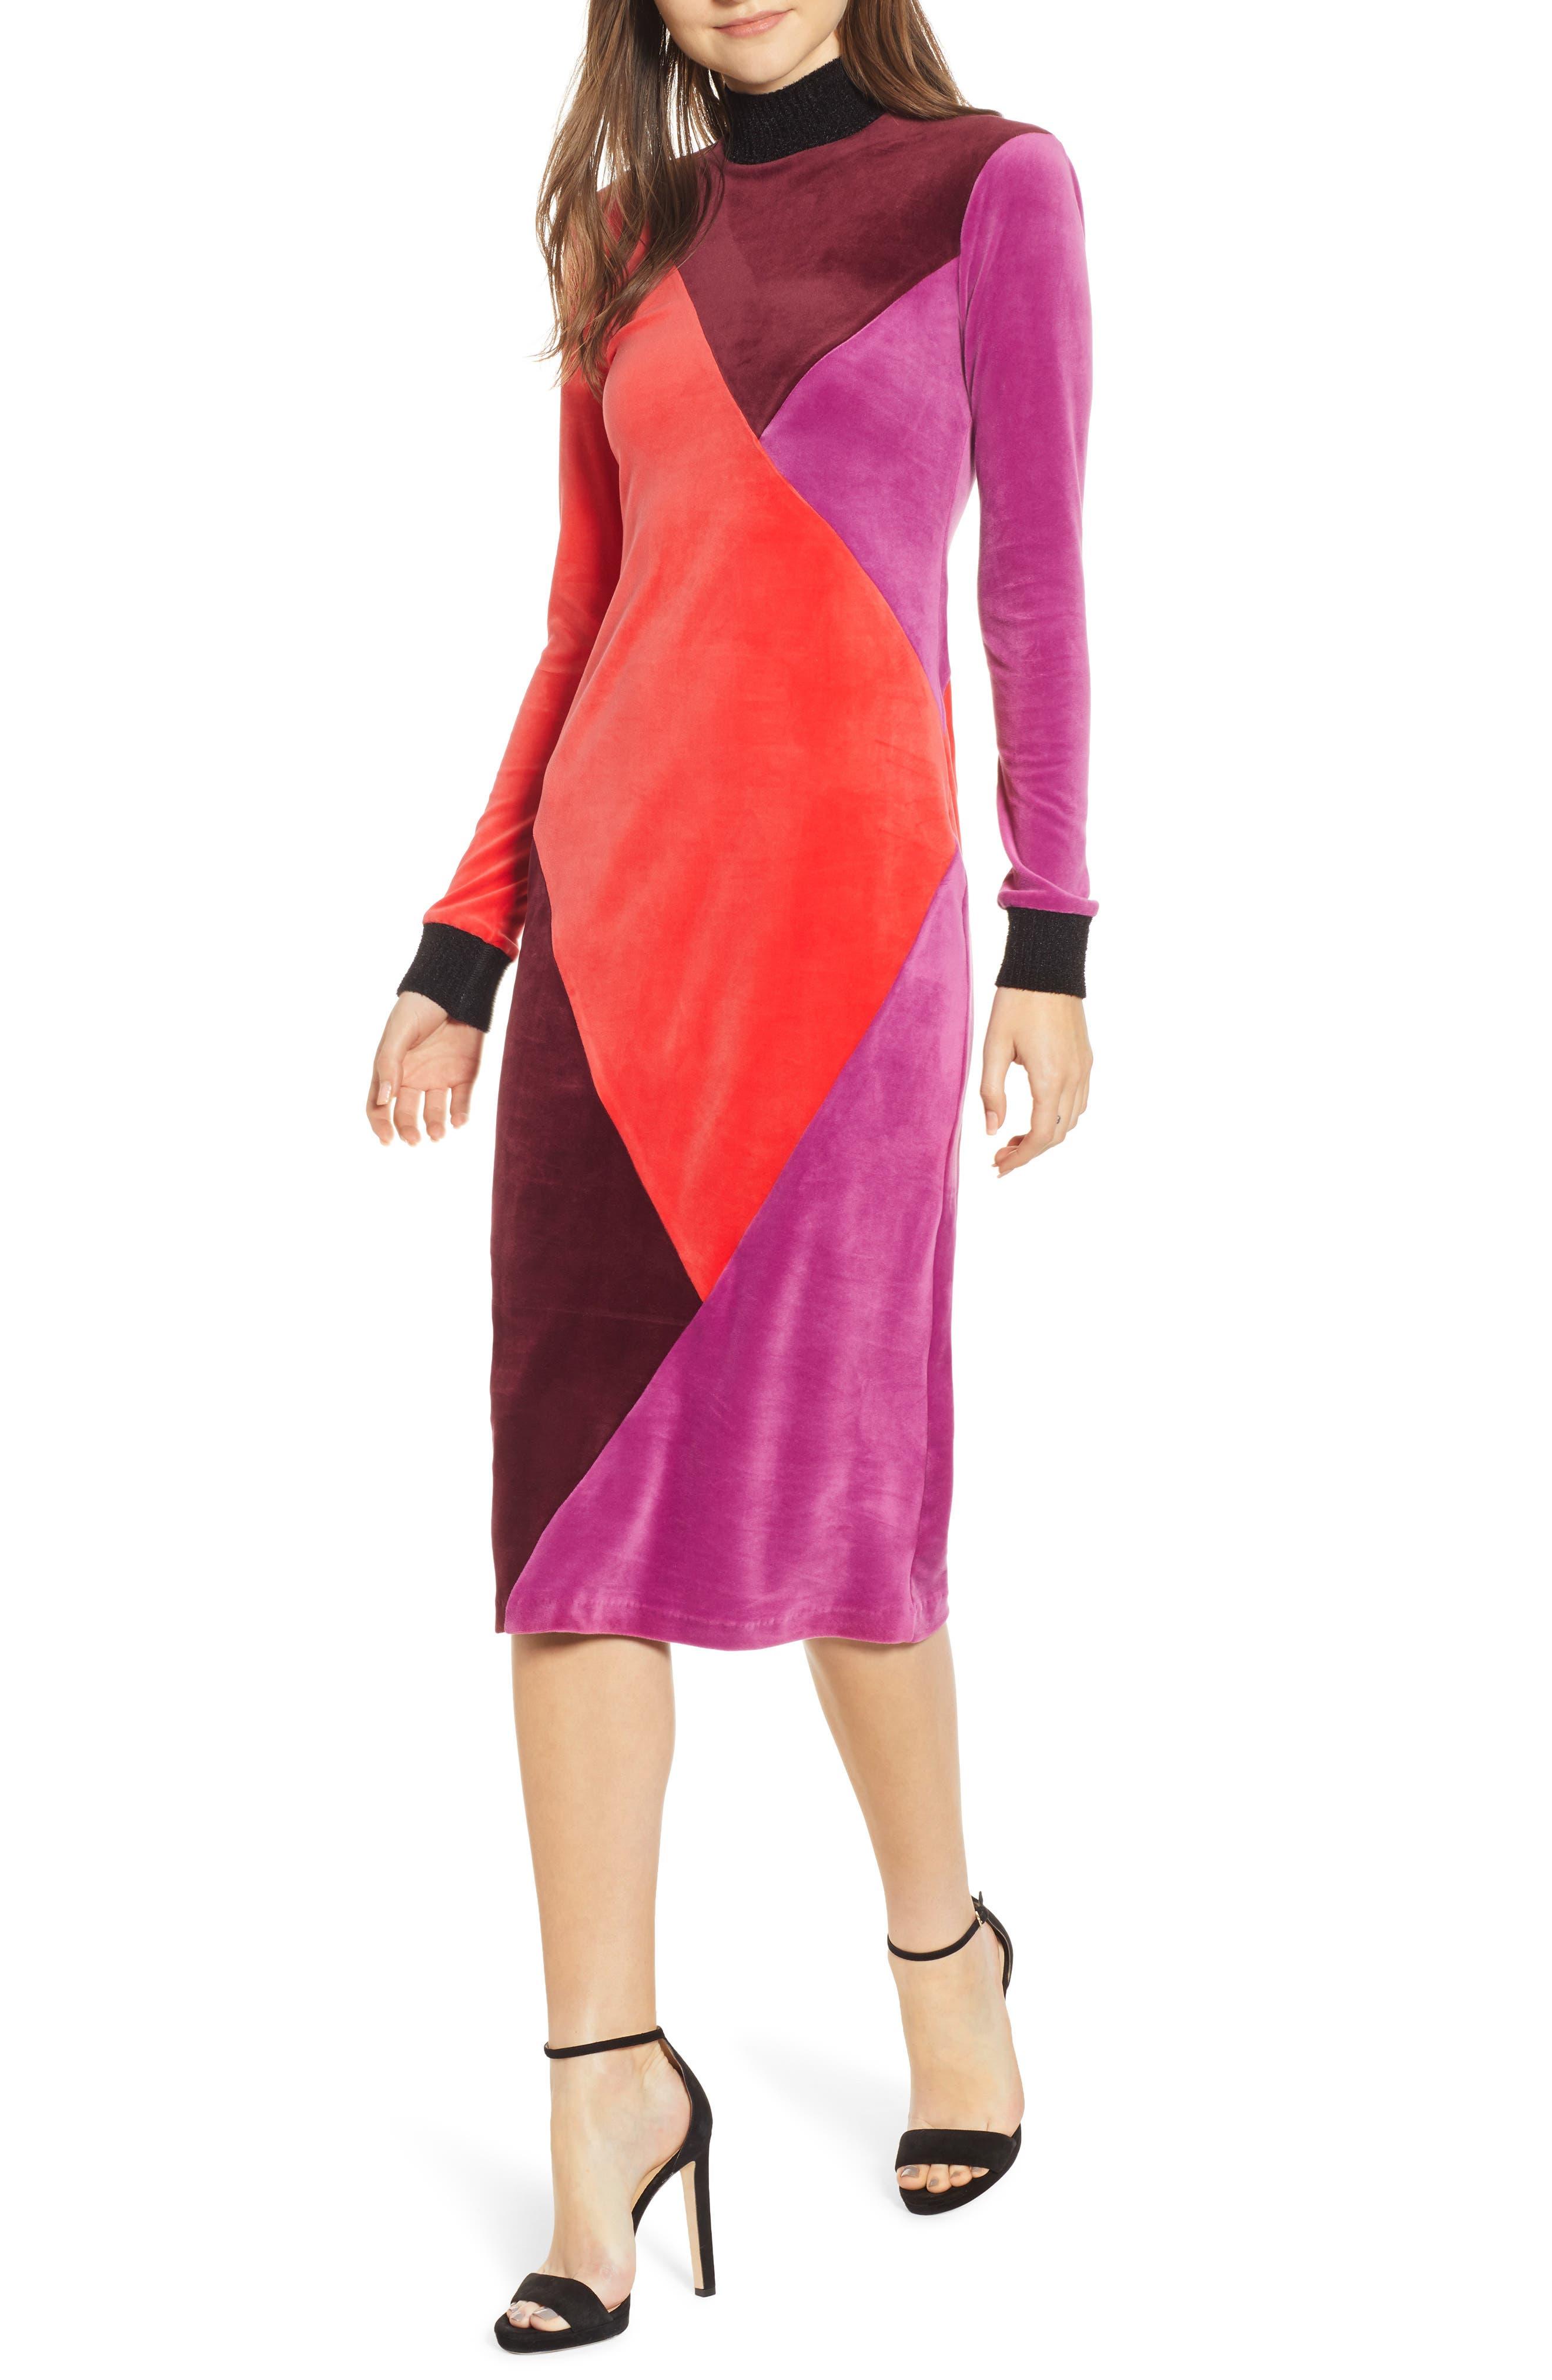 SPLENDID, Velluto Velour Midi Dress, Main thumbnail 1, color, 502